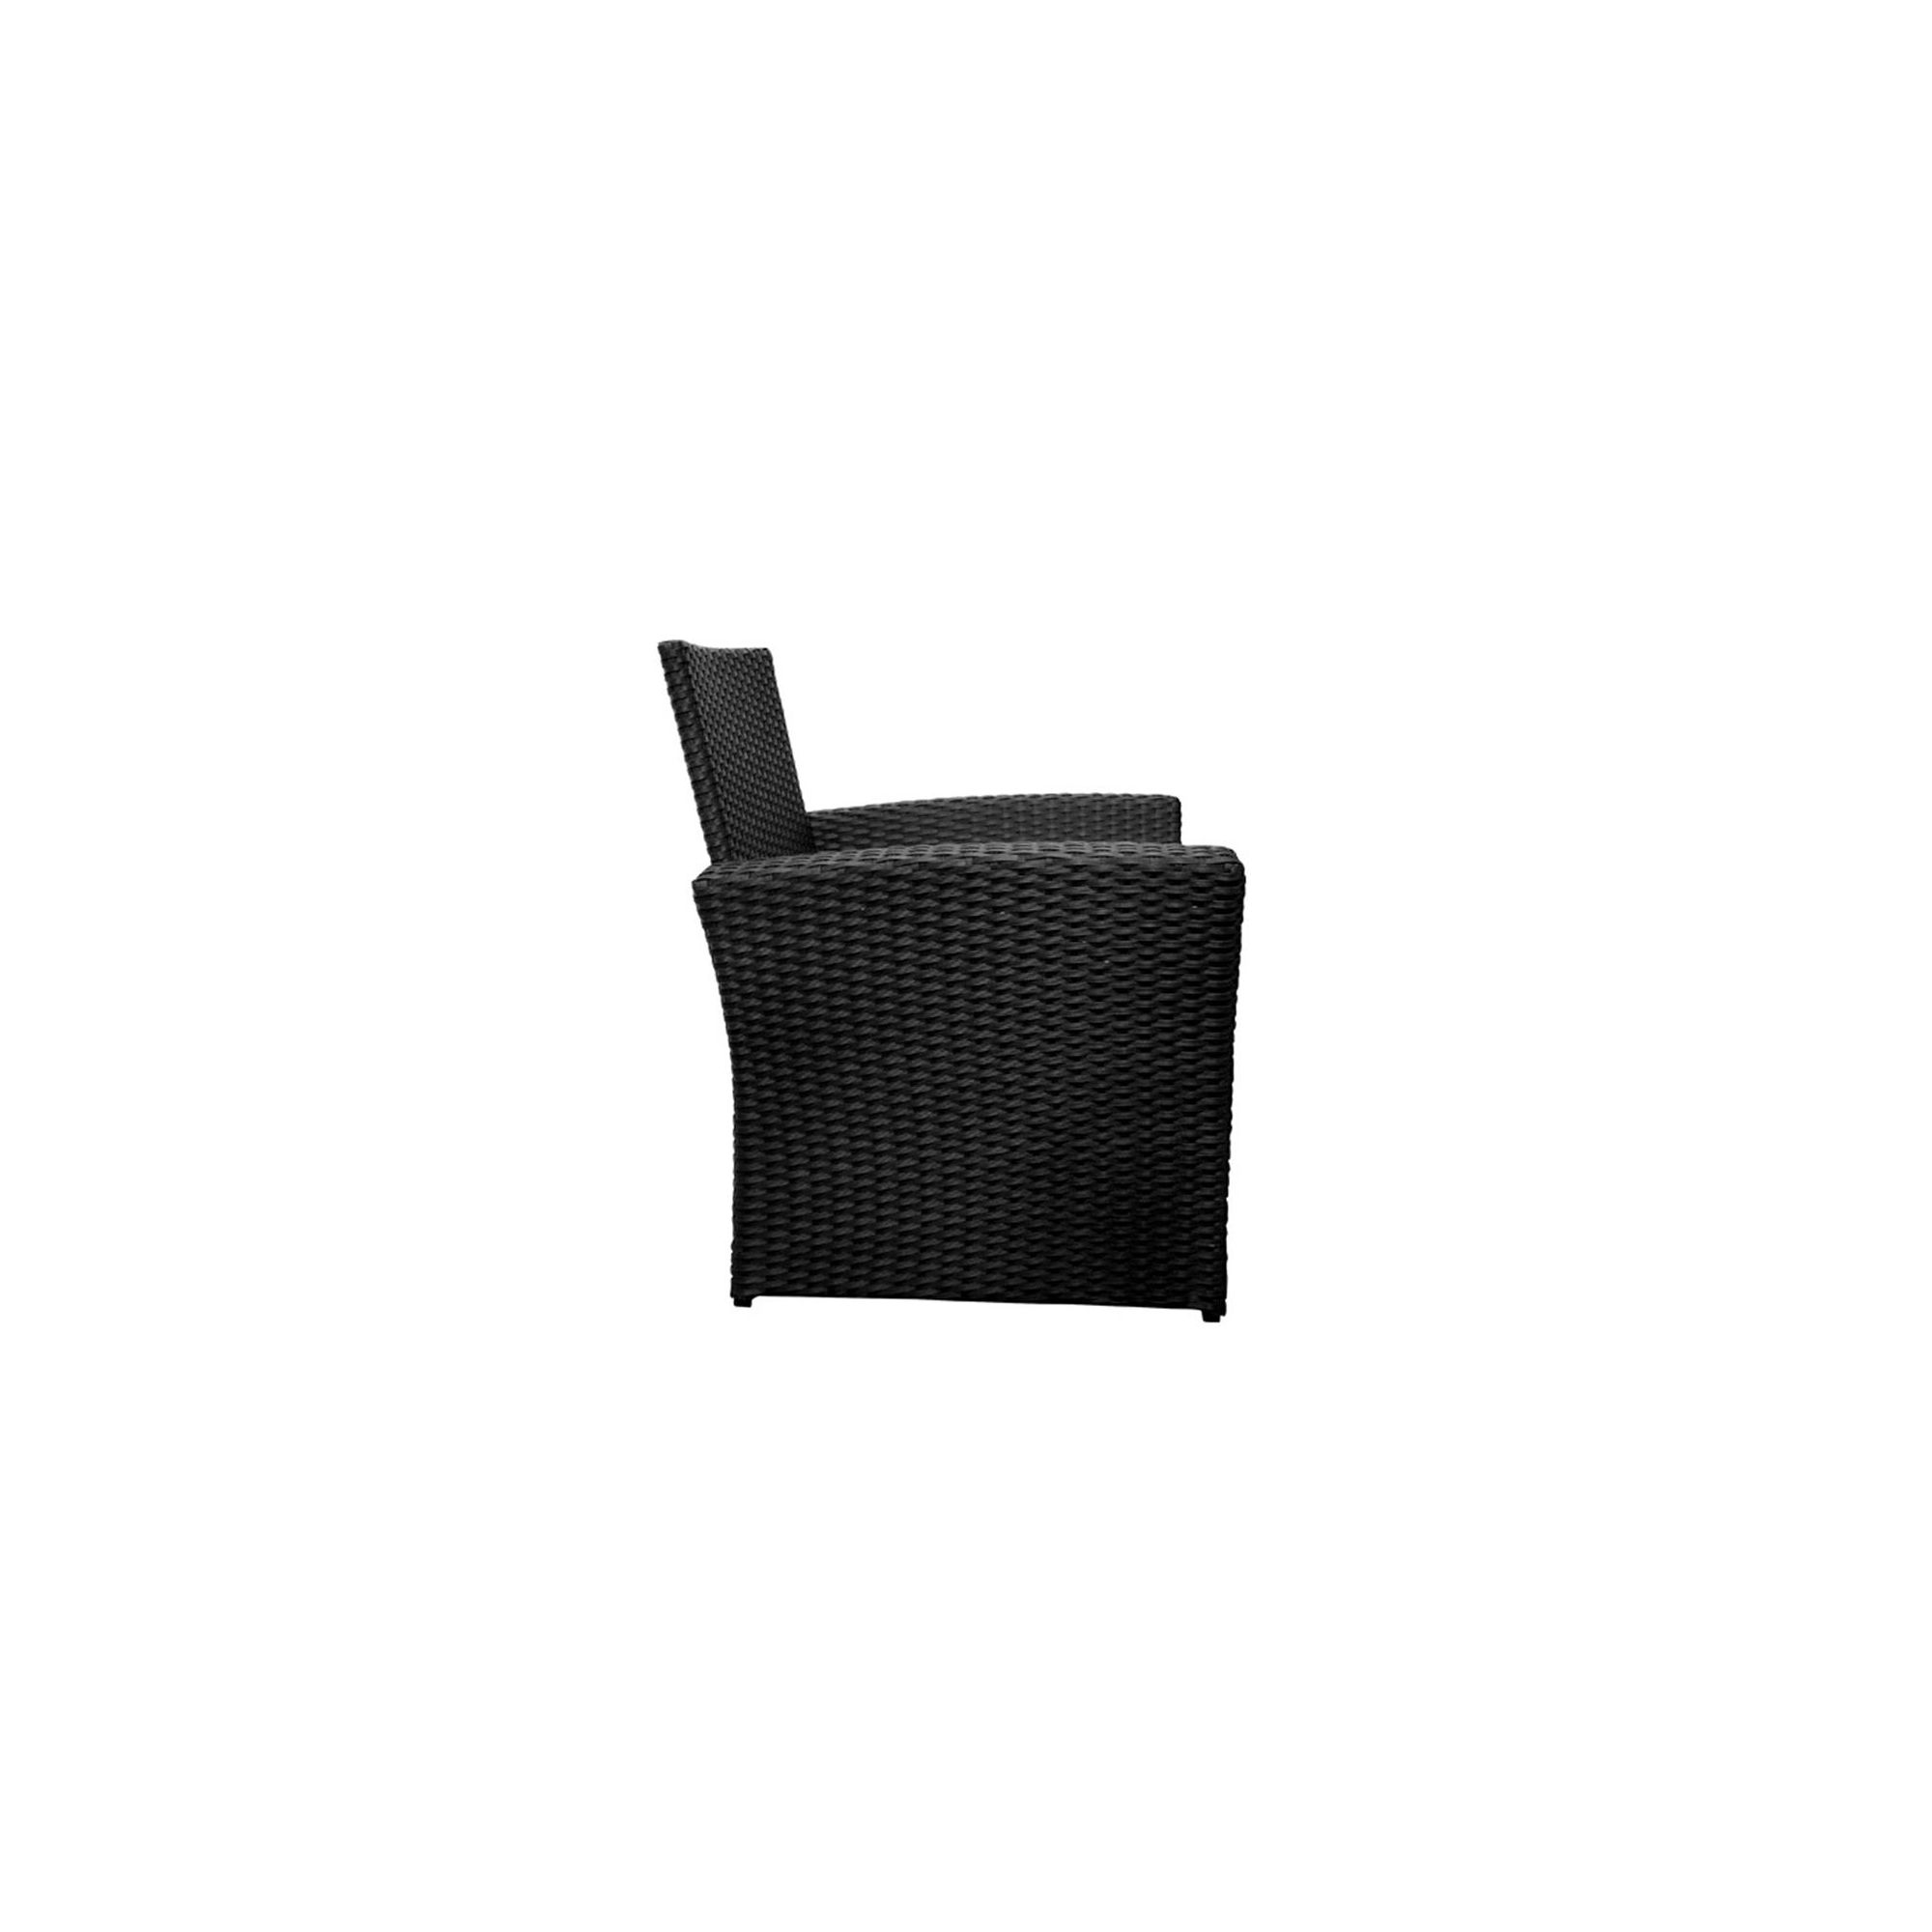 tesco direct billyoh 400 black elegance chatsworth 4. Black Bedroom Furniture Sets. Home Design Ideas